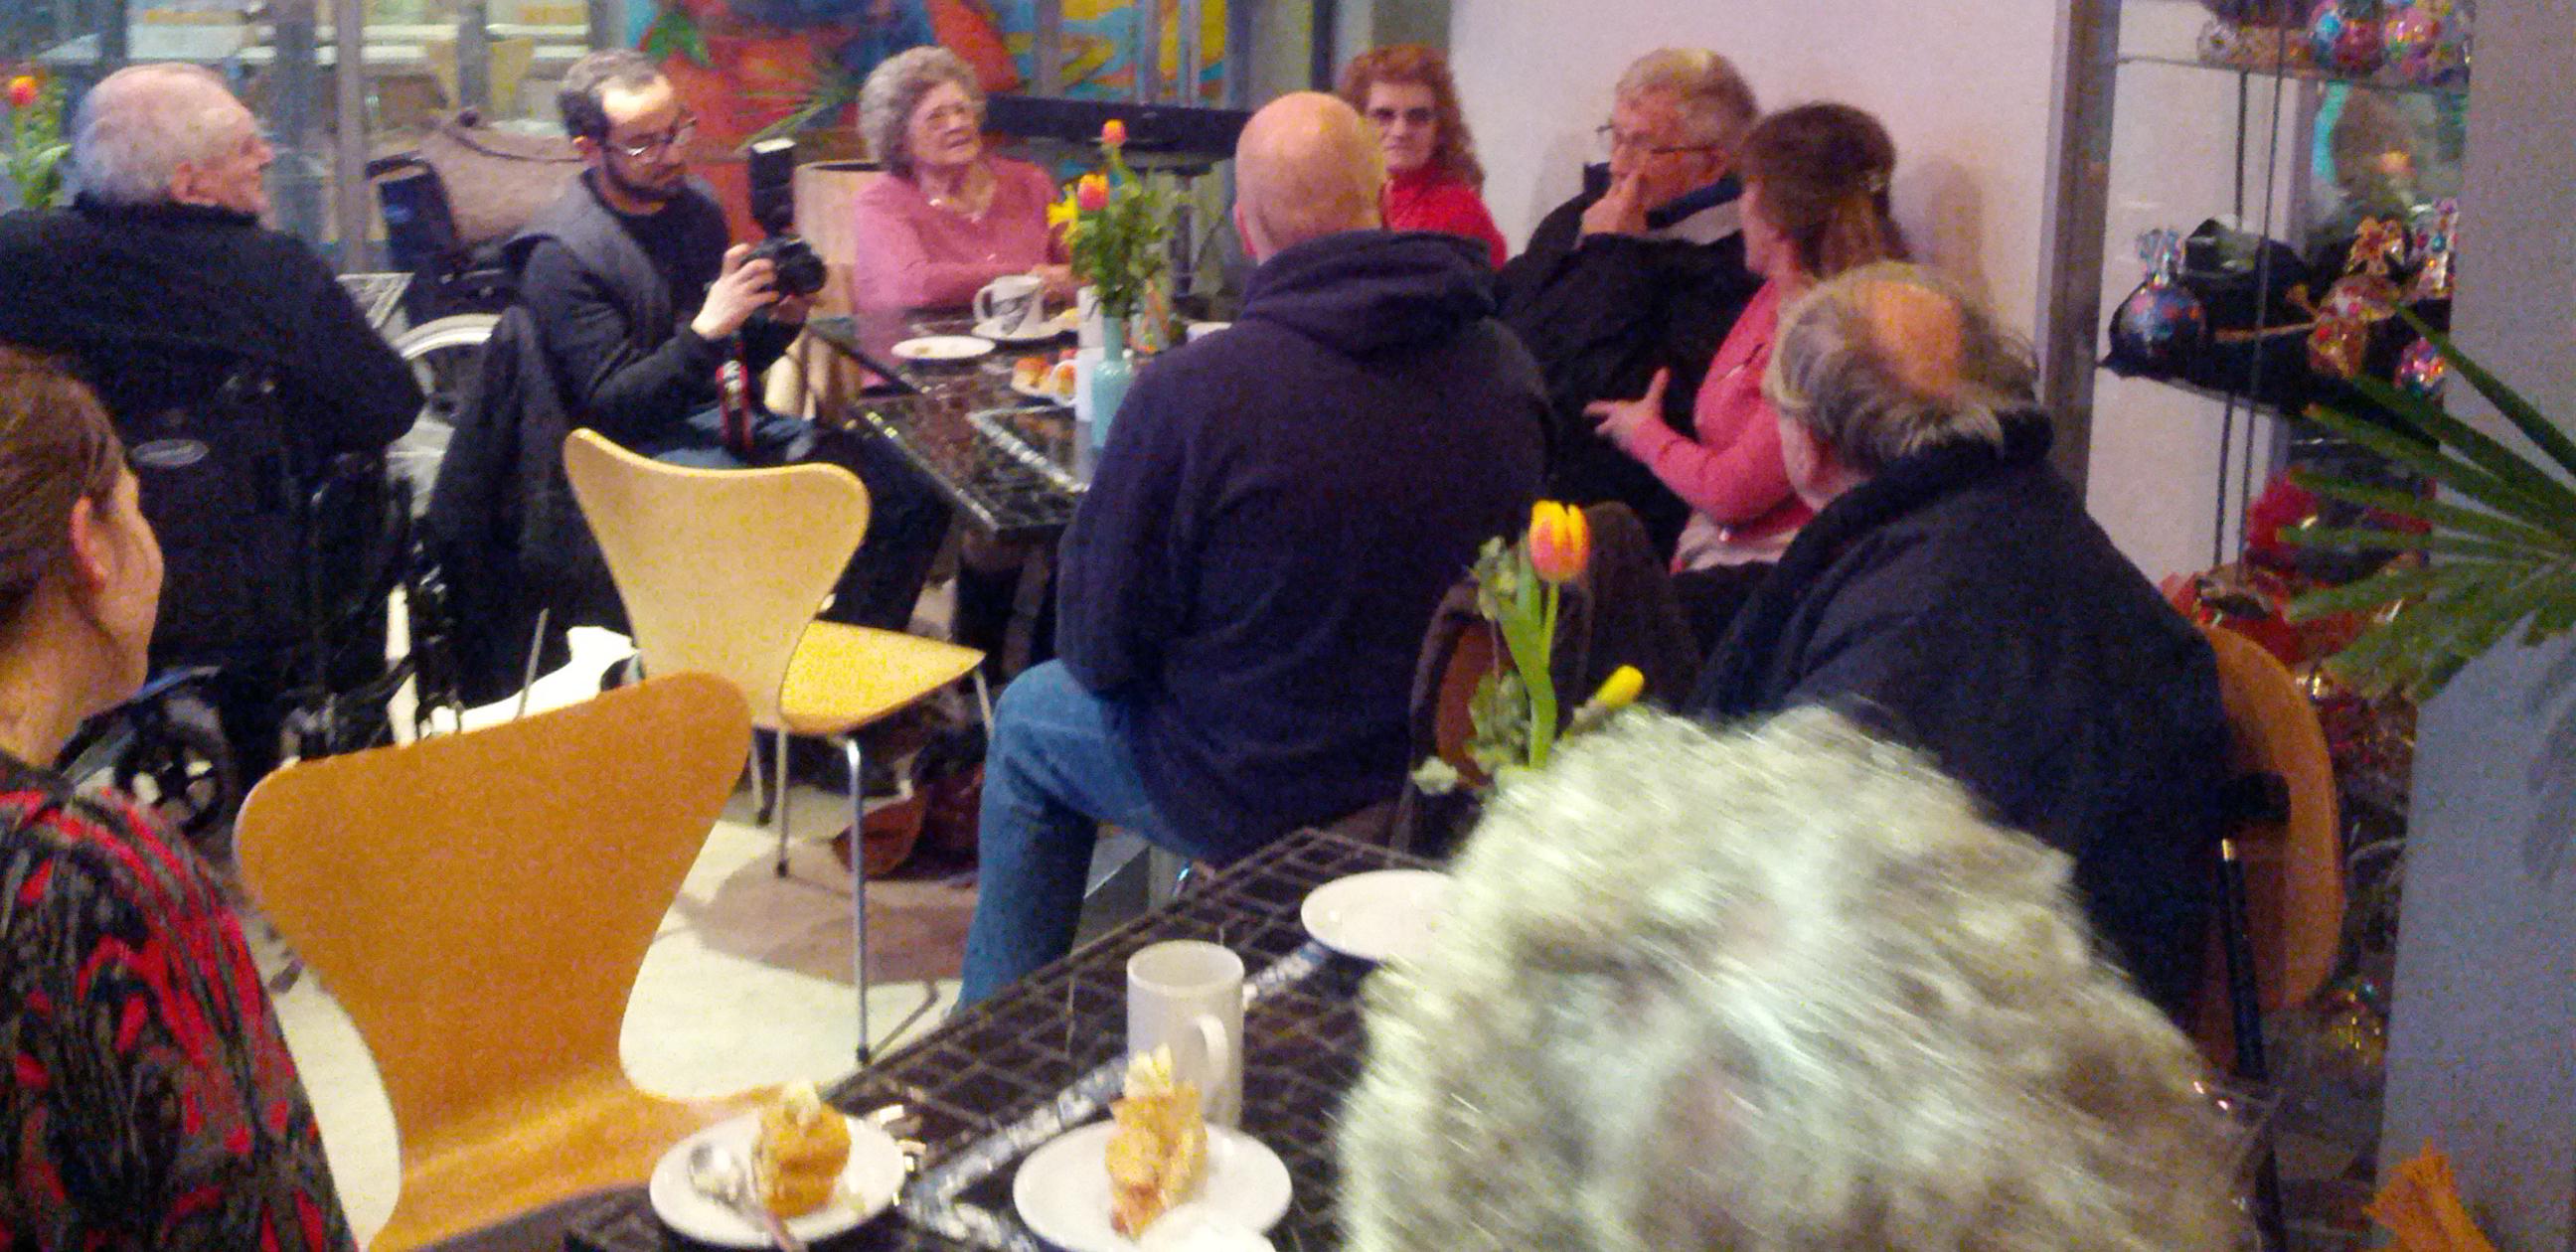 Participants discussing ideas during tea party workshop.